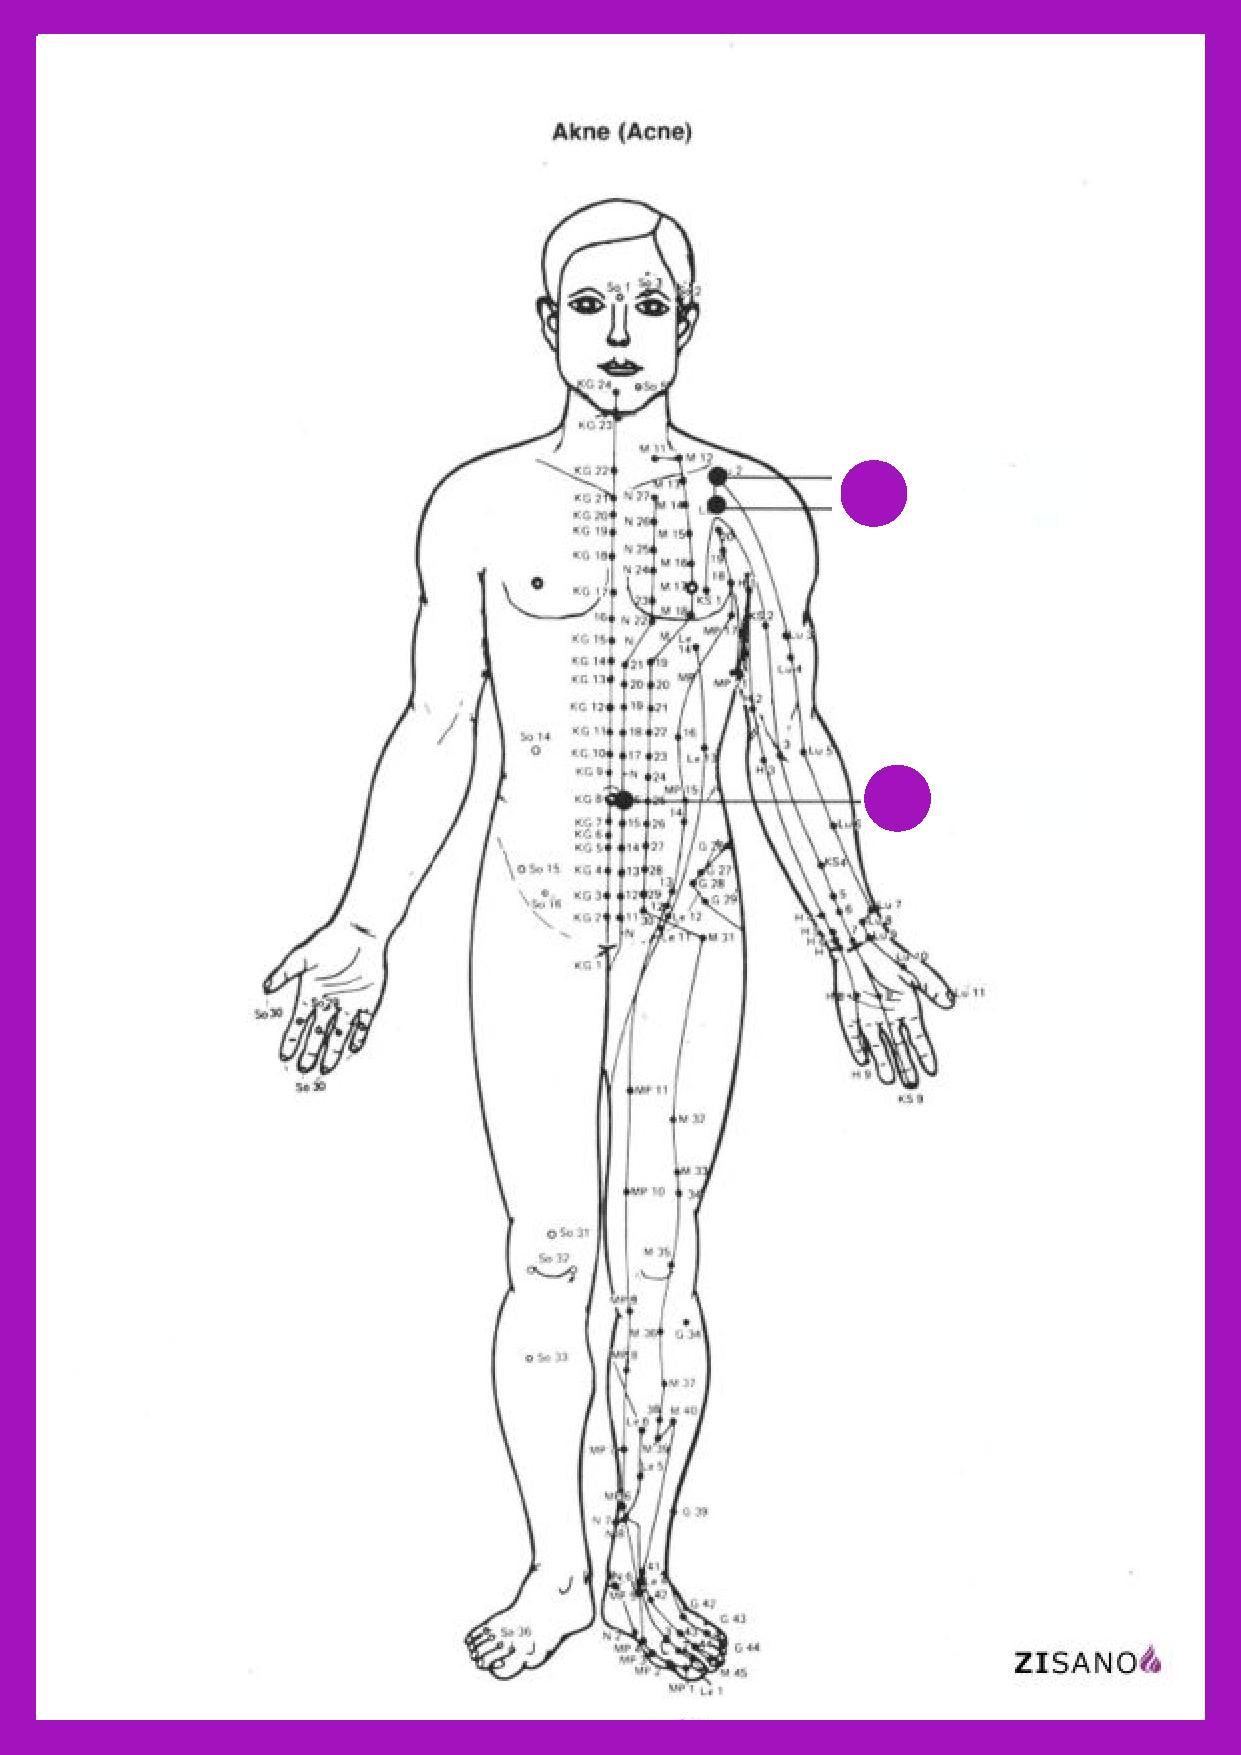 Früher Finnenausschlag genannt, ist eine Sammelbezeichnung für Erkrankungen des Talgdrüsenapparates und der Haarfollikel, die zunächst nichtentzündliche Mitesser (Komedonen) hervorbringen